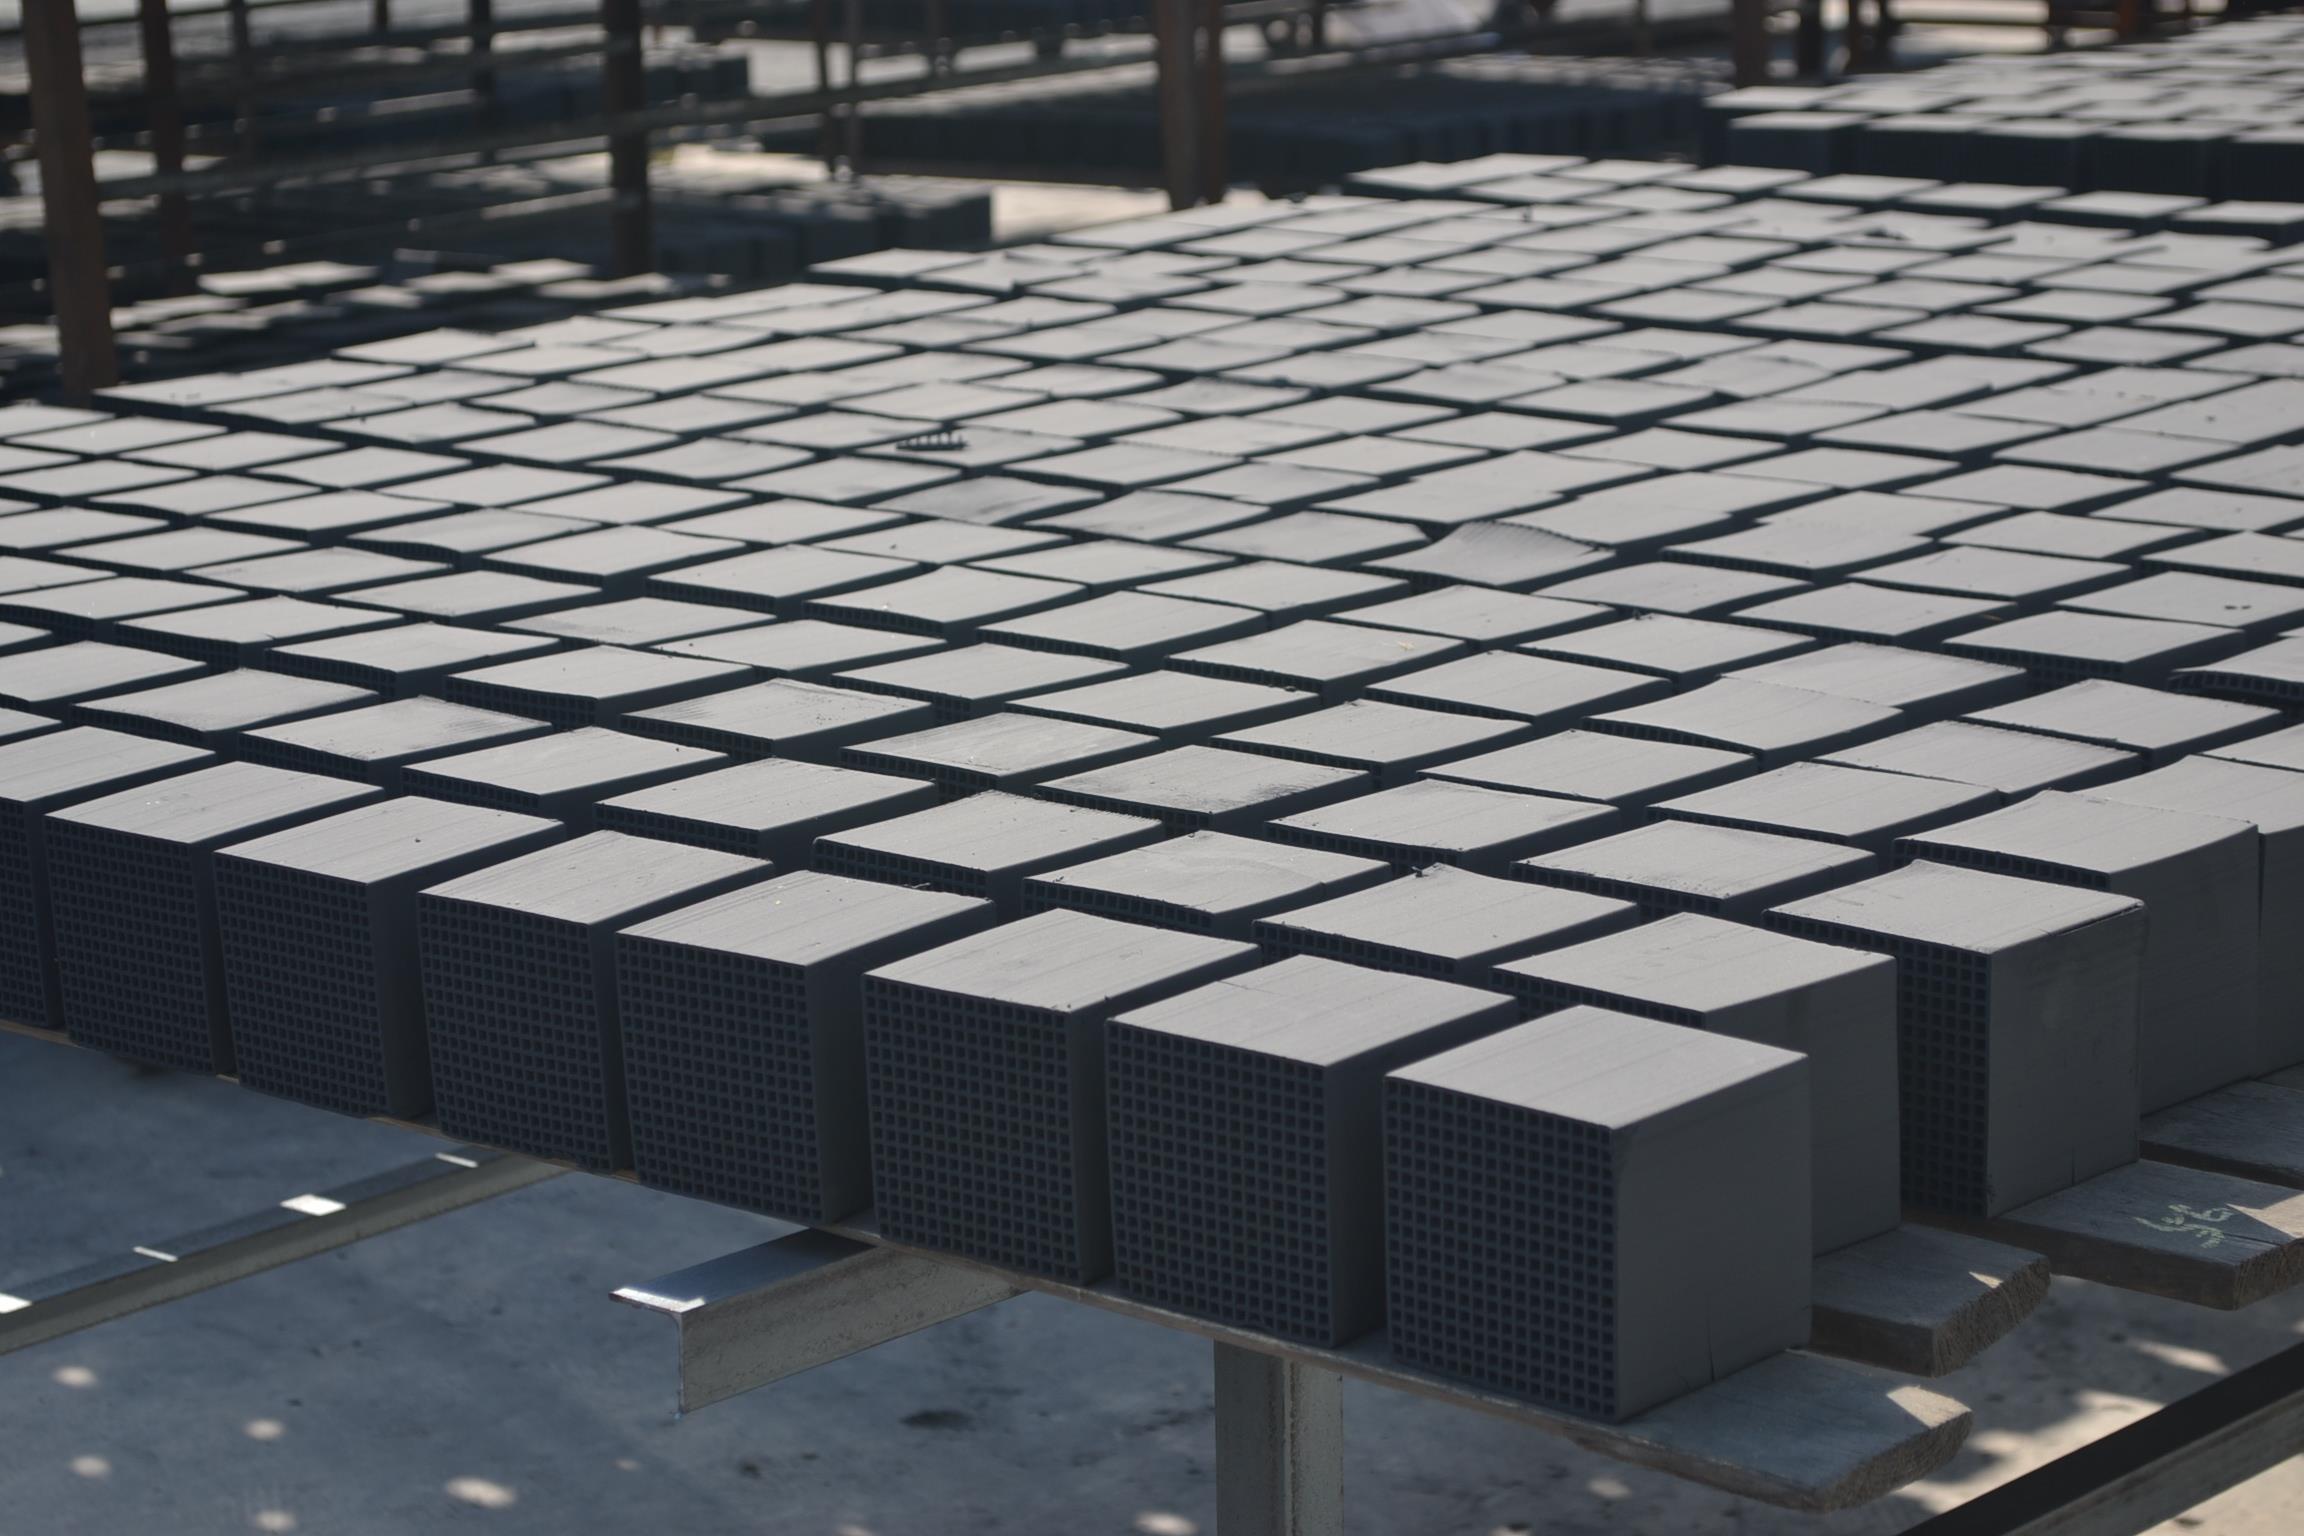 国产蜂窝活性炭品牌 蜂窝块状活性炭 品质有保障 价格优惠